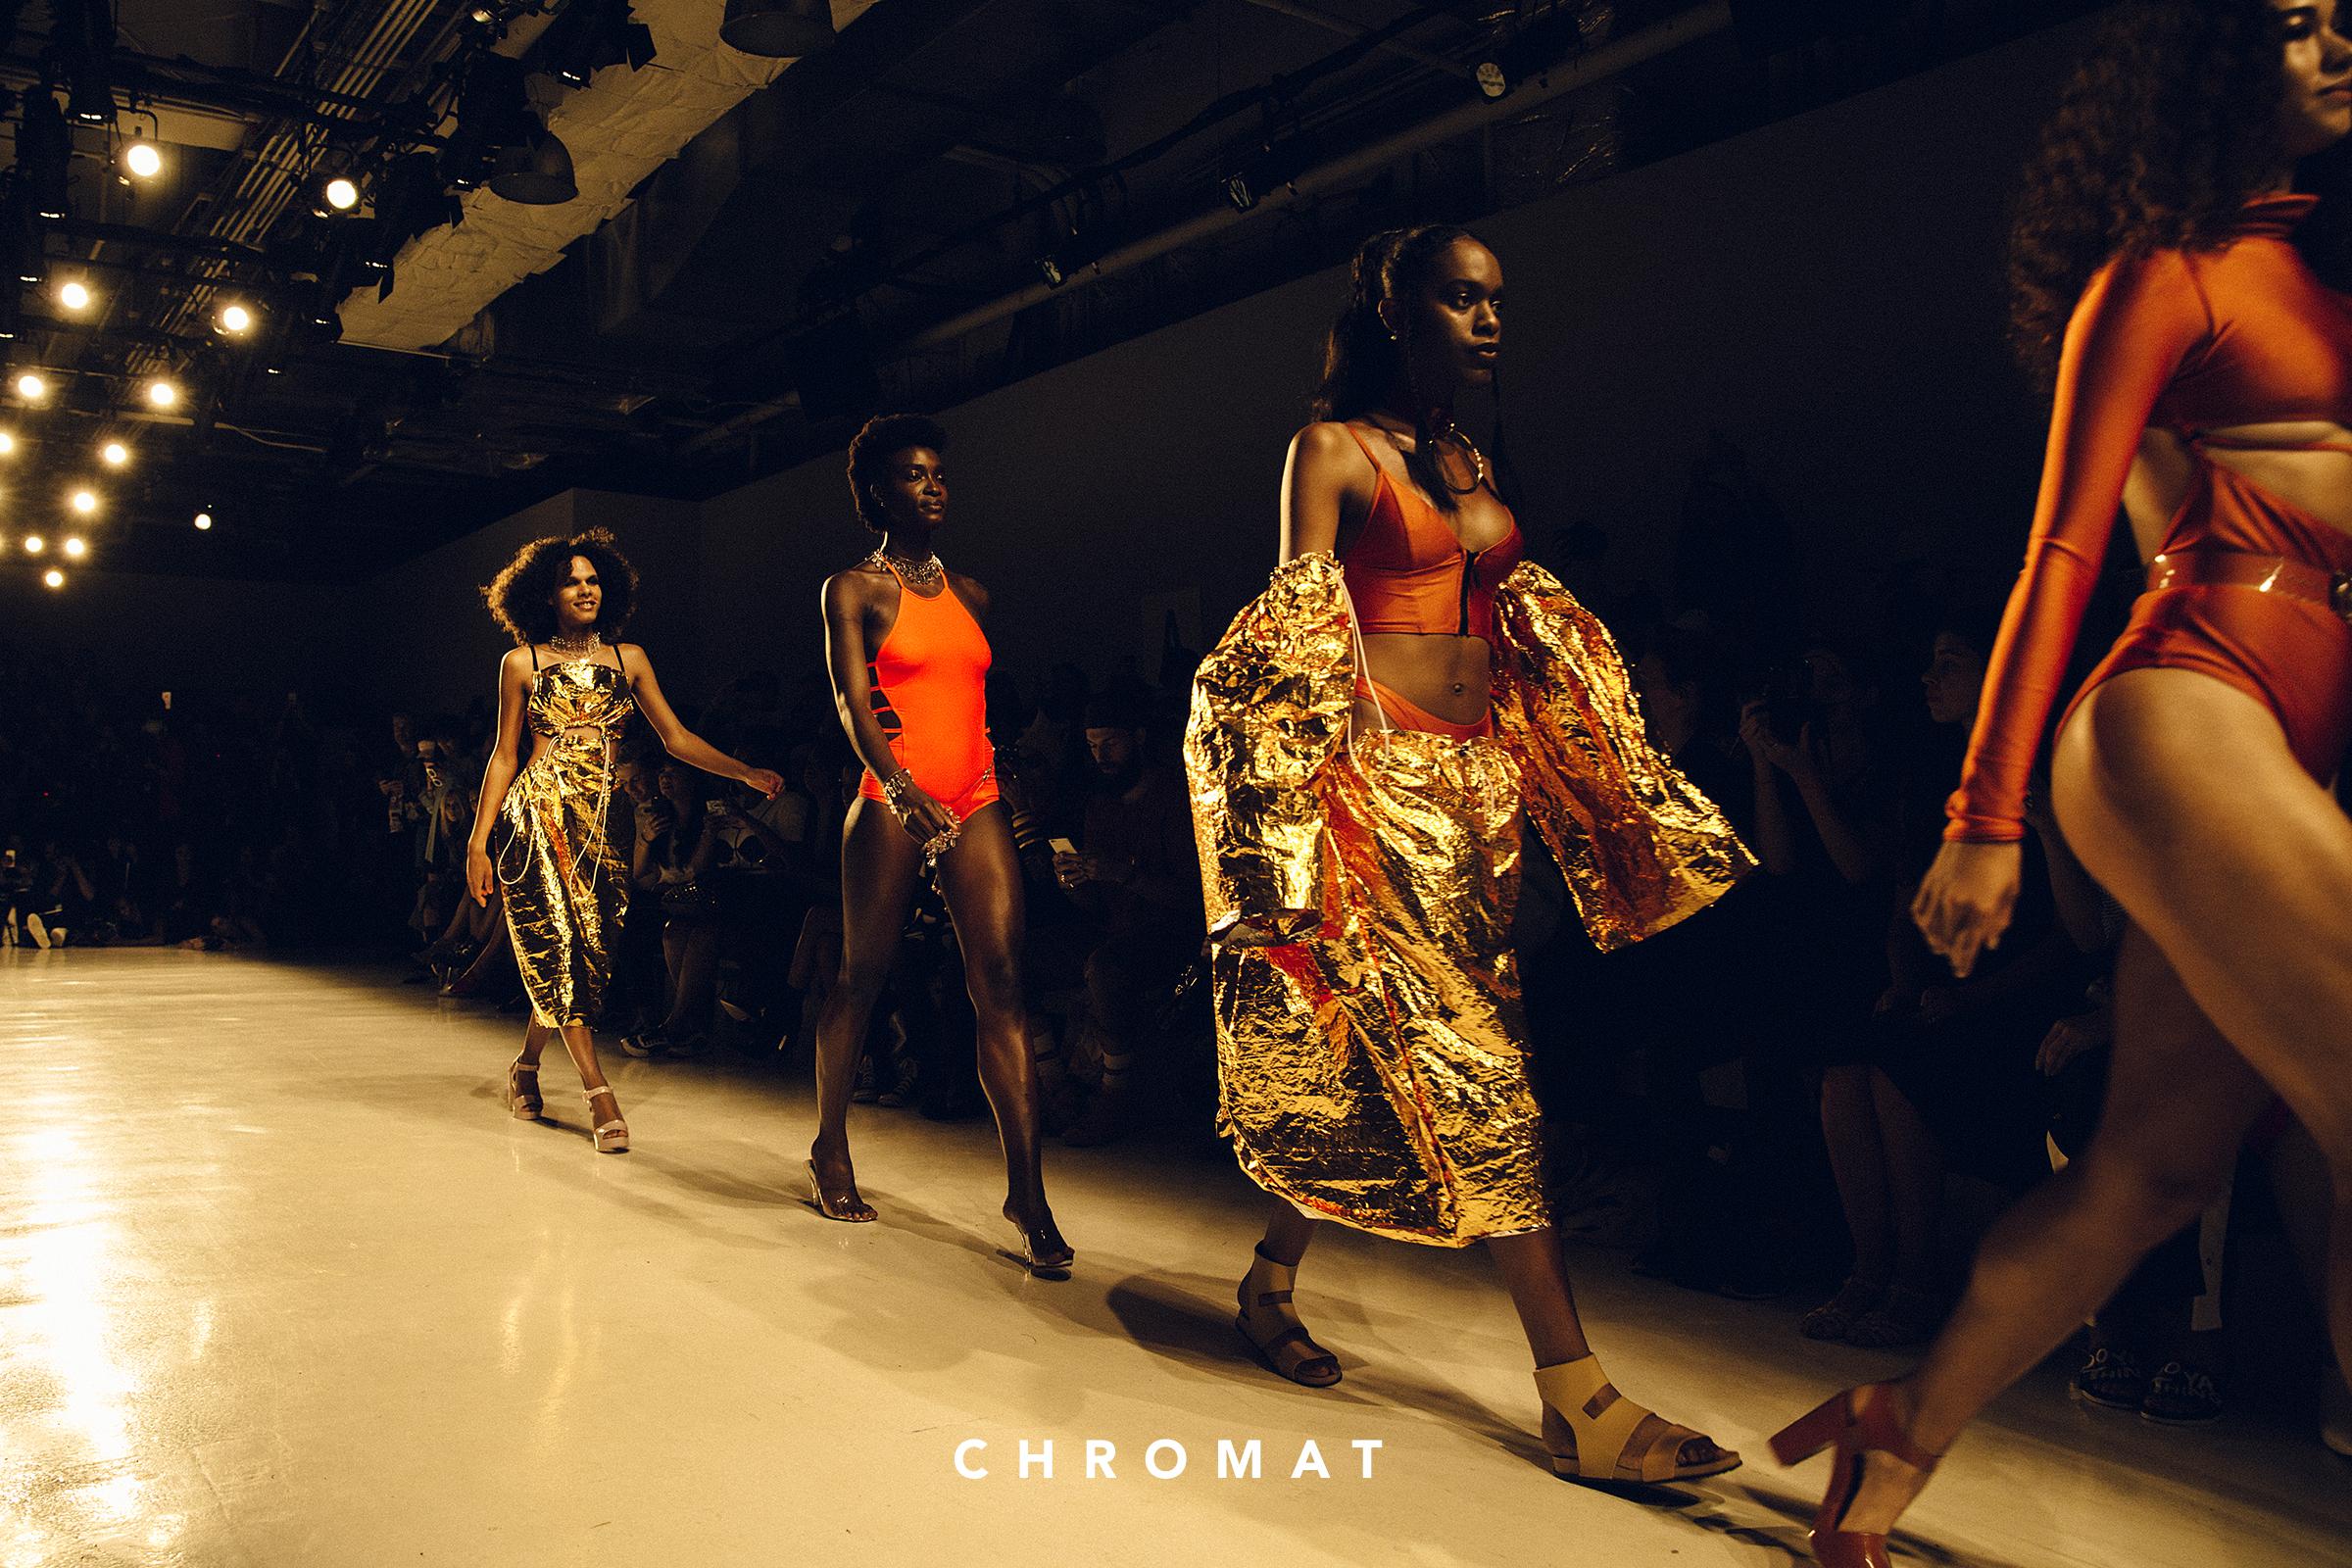 Chromat2.jpg